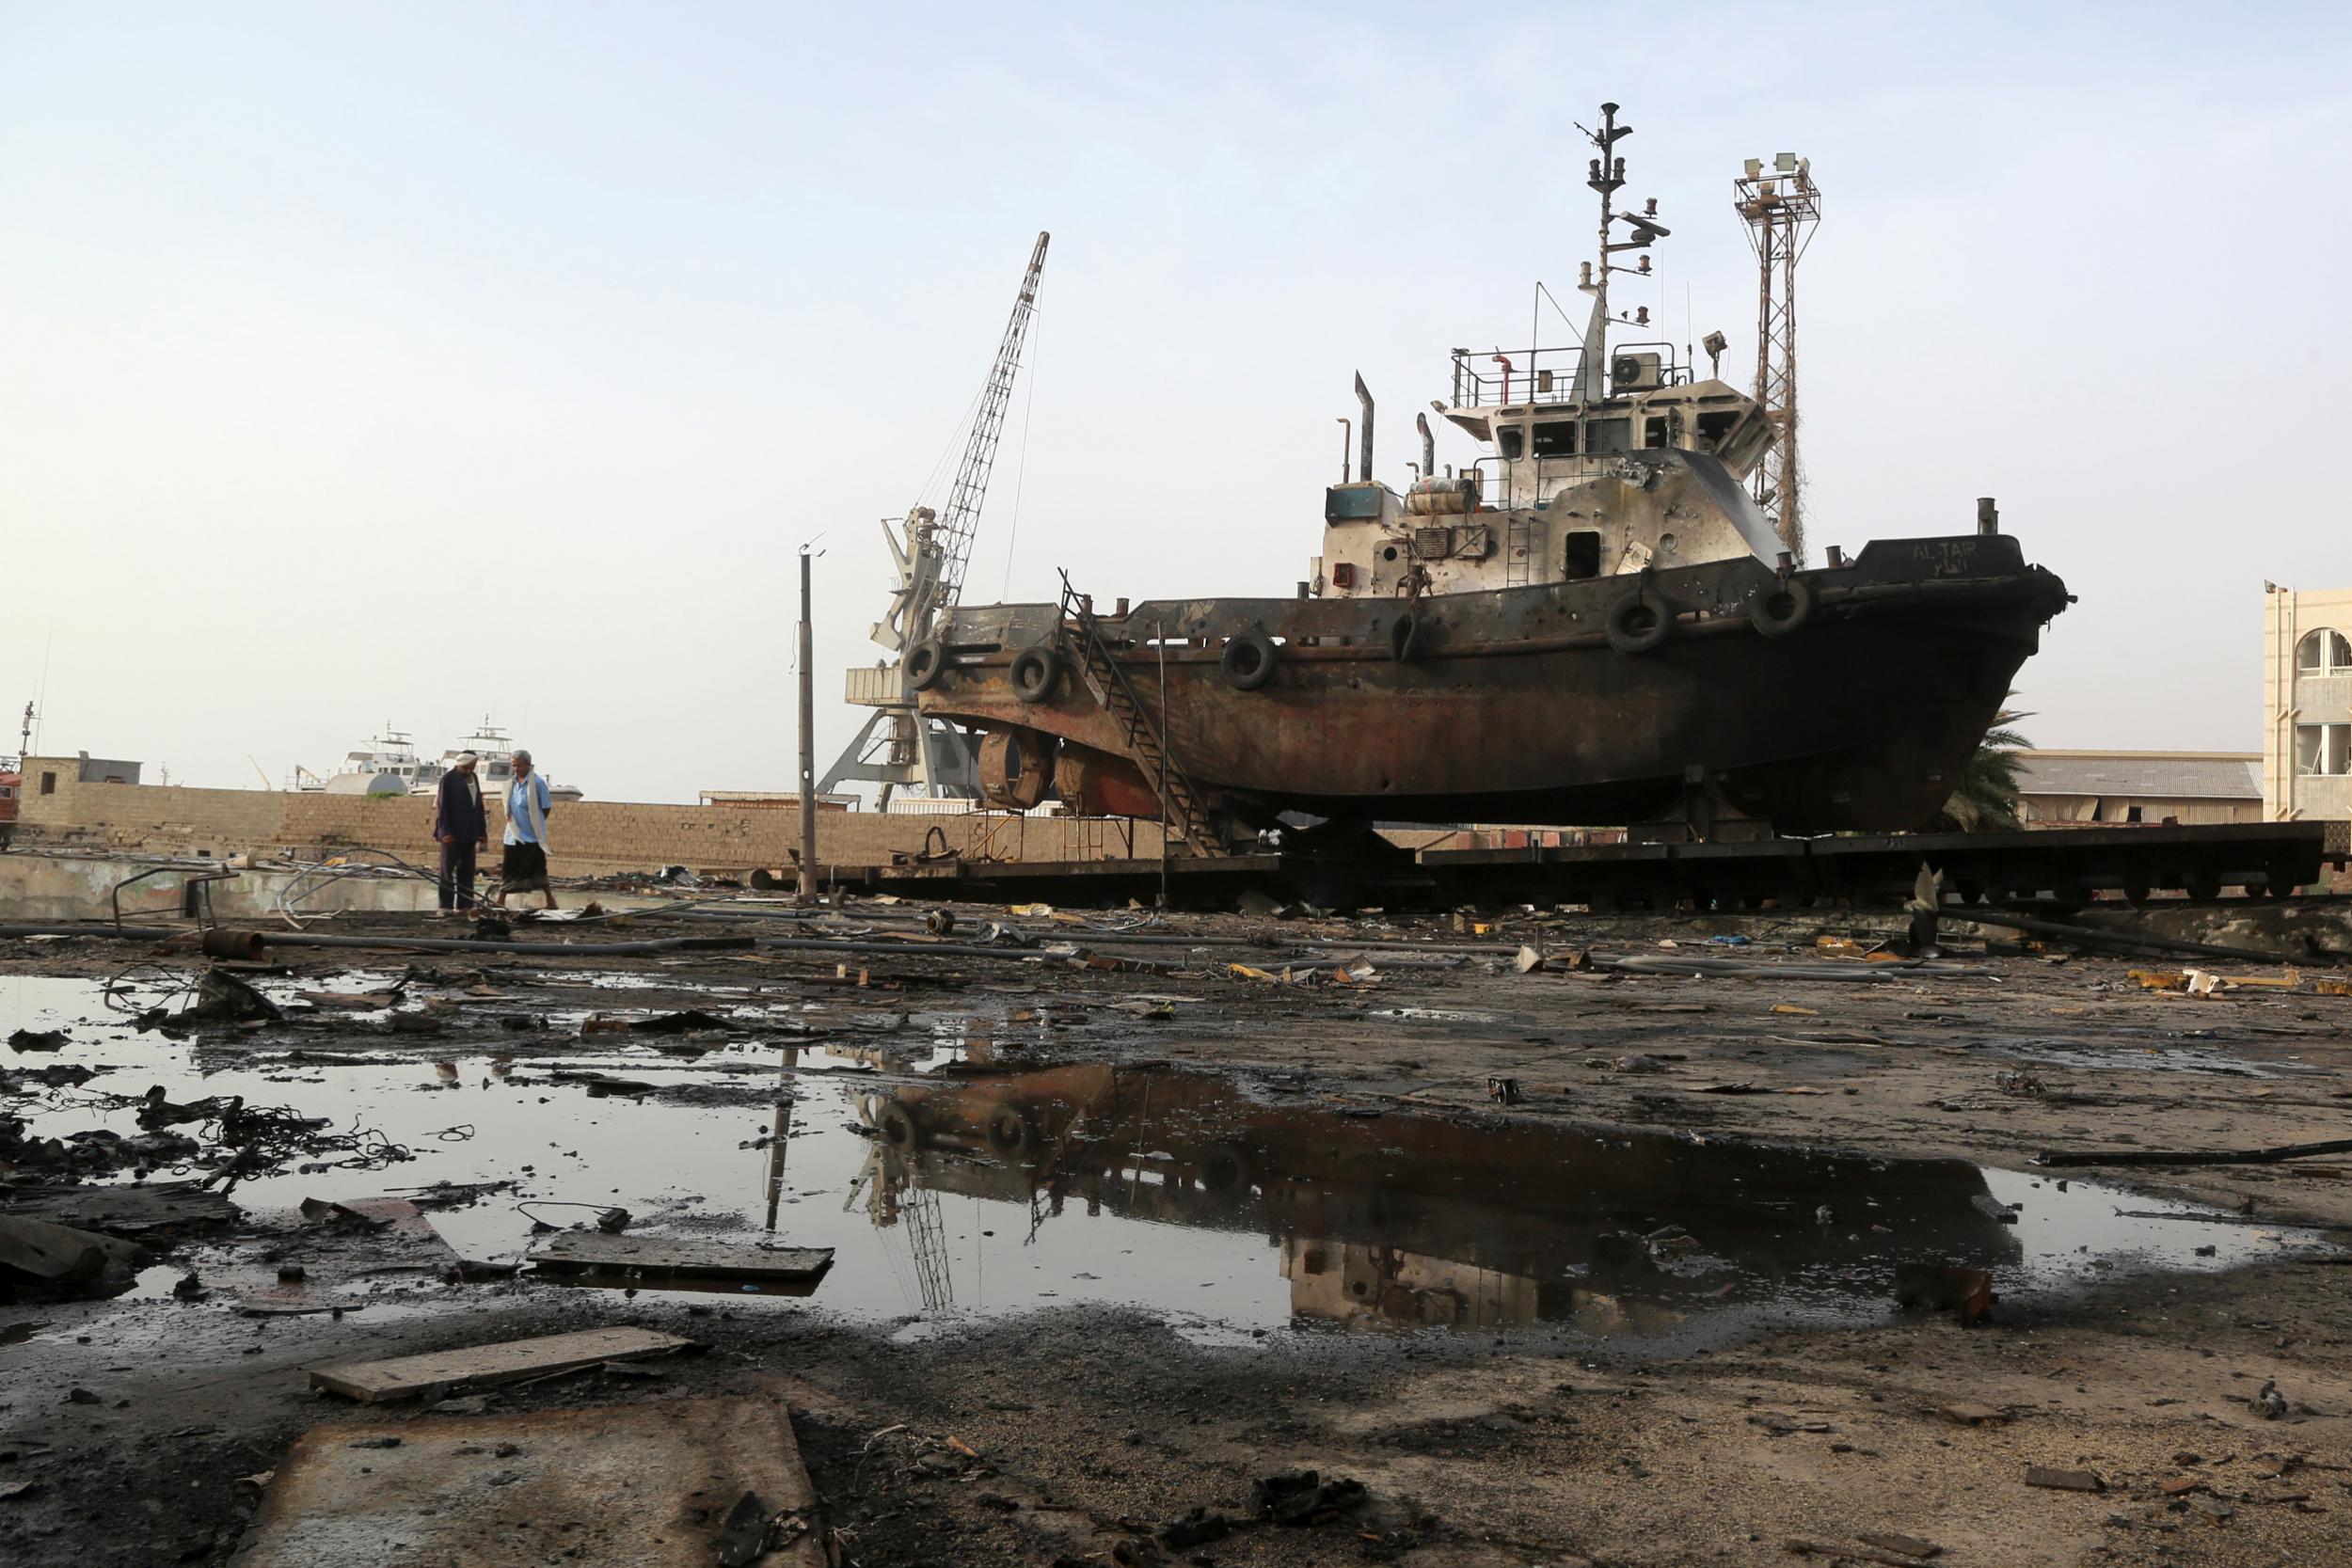 The biggest battle in Yemen's three-year war just began